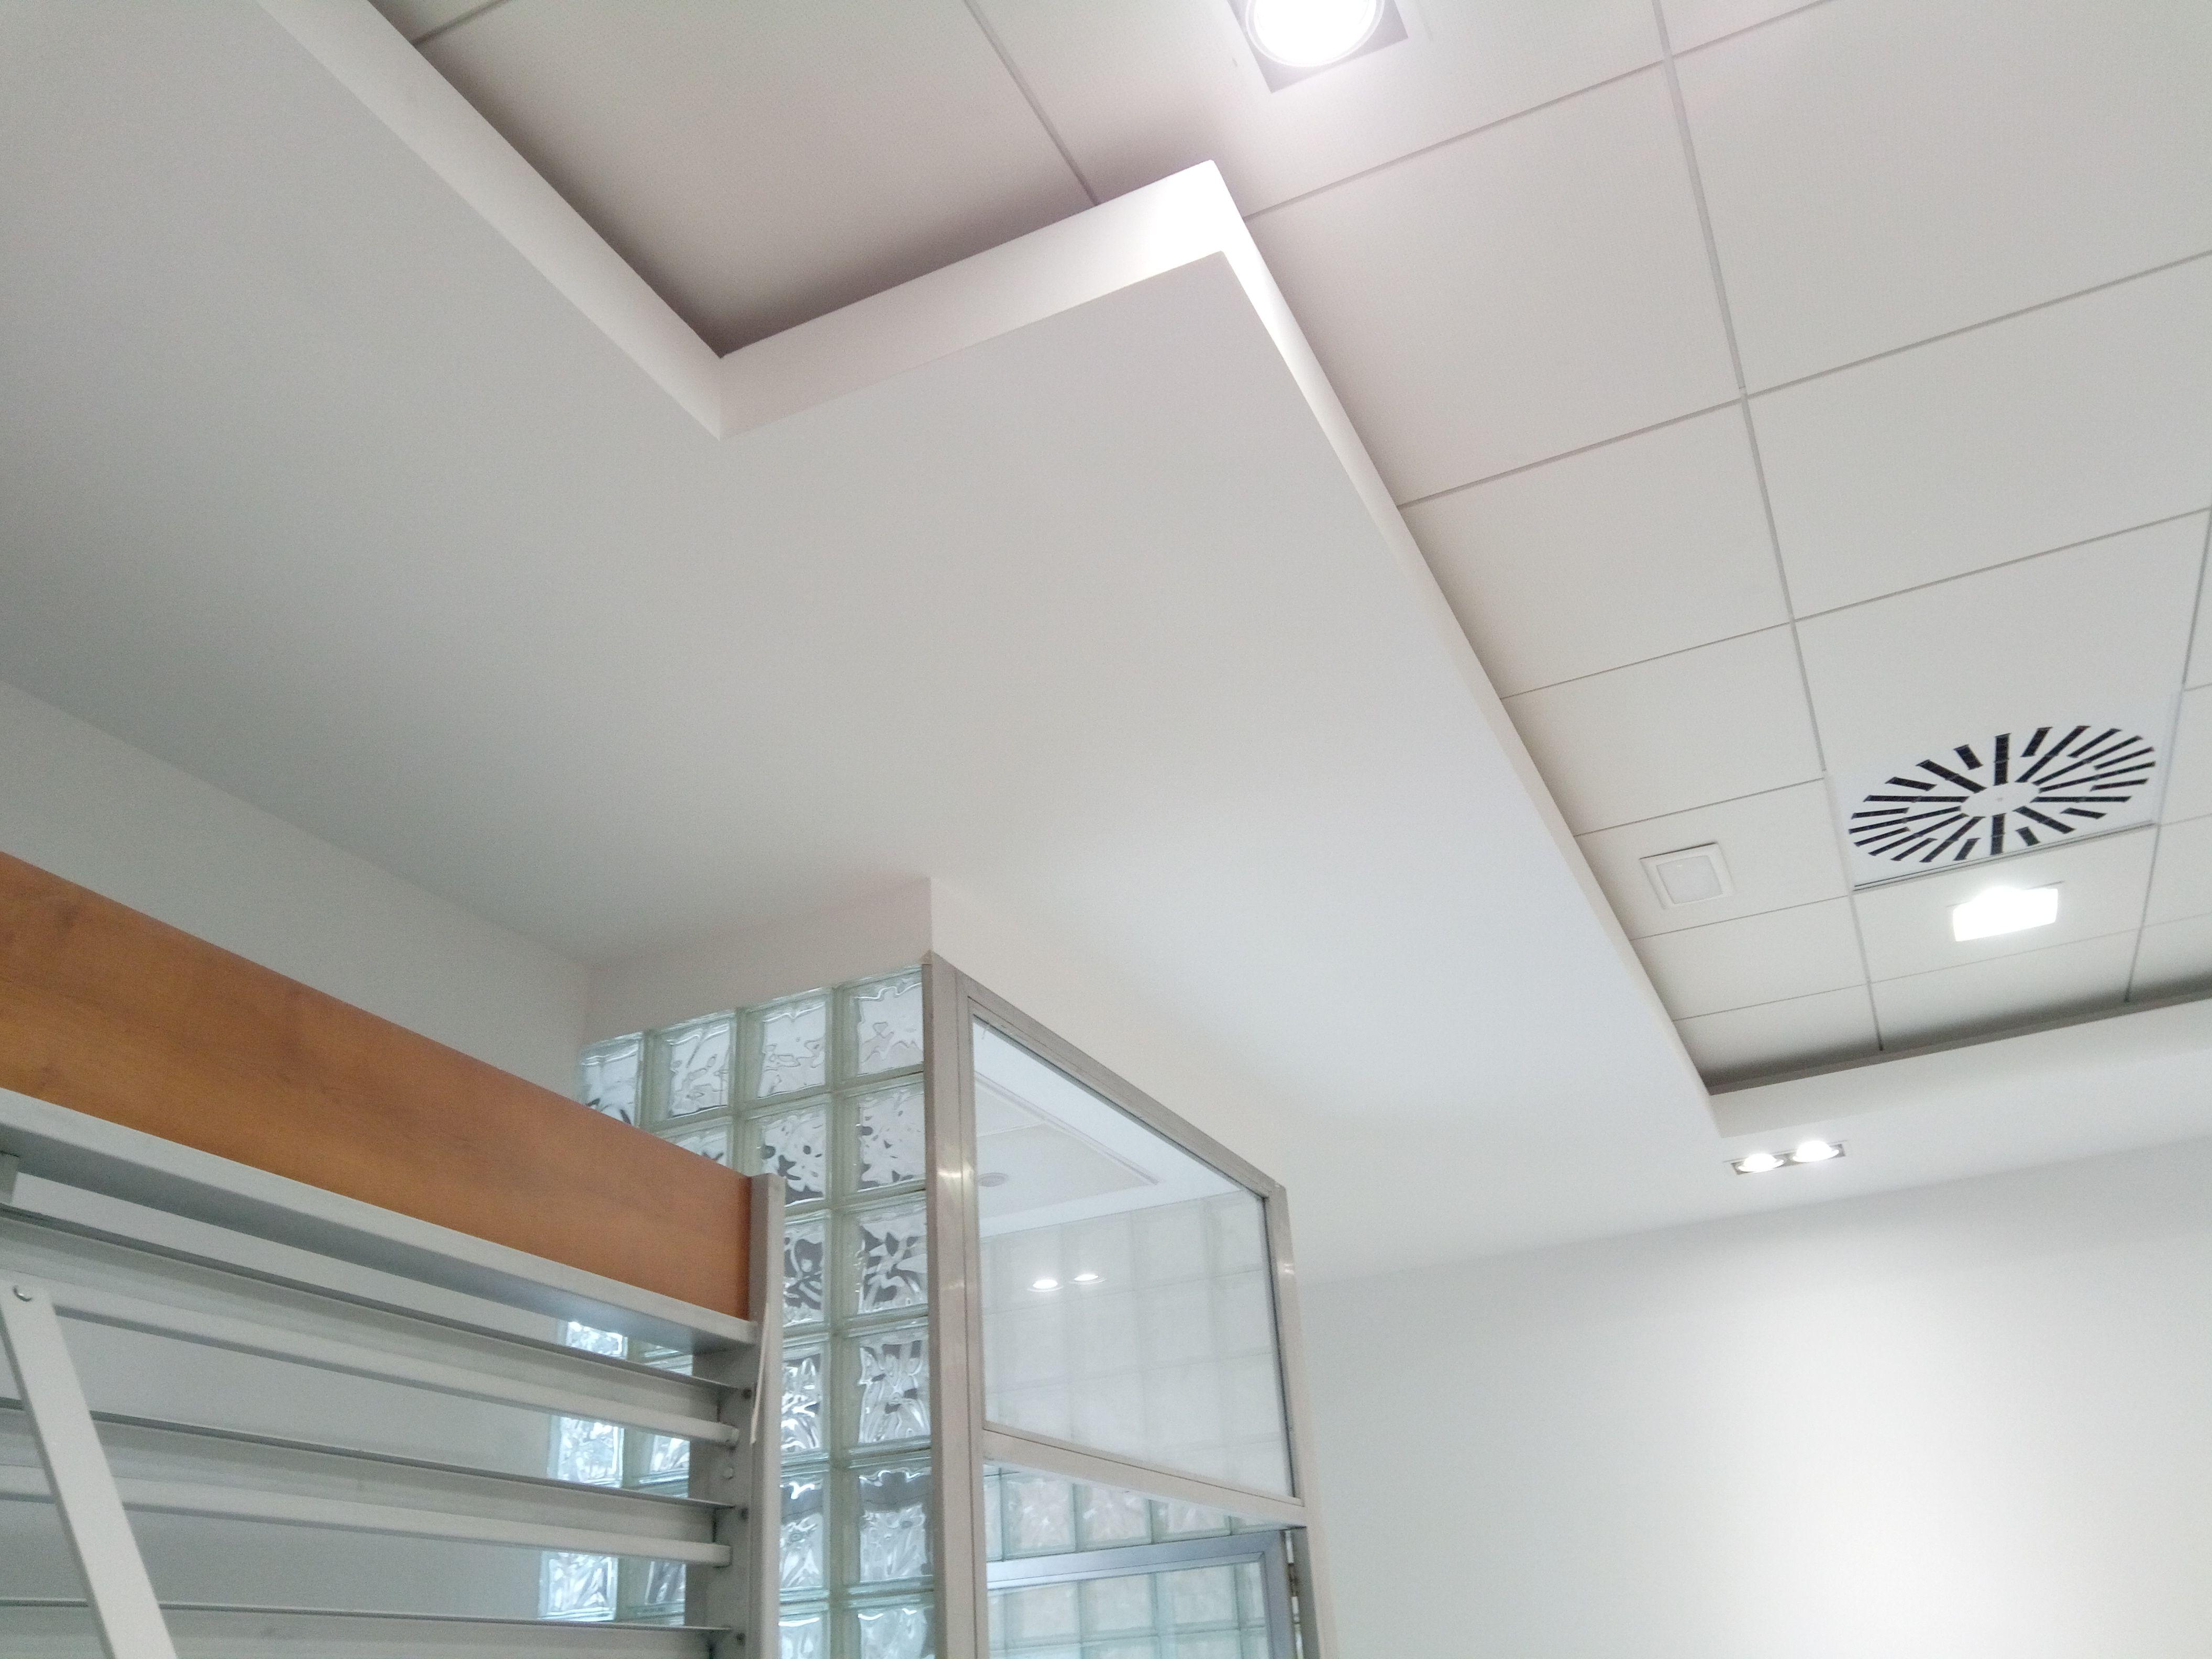 Foto 52 de Aislamientos acústicos y térmicos en Almería | Acoustic Drywall